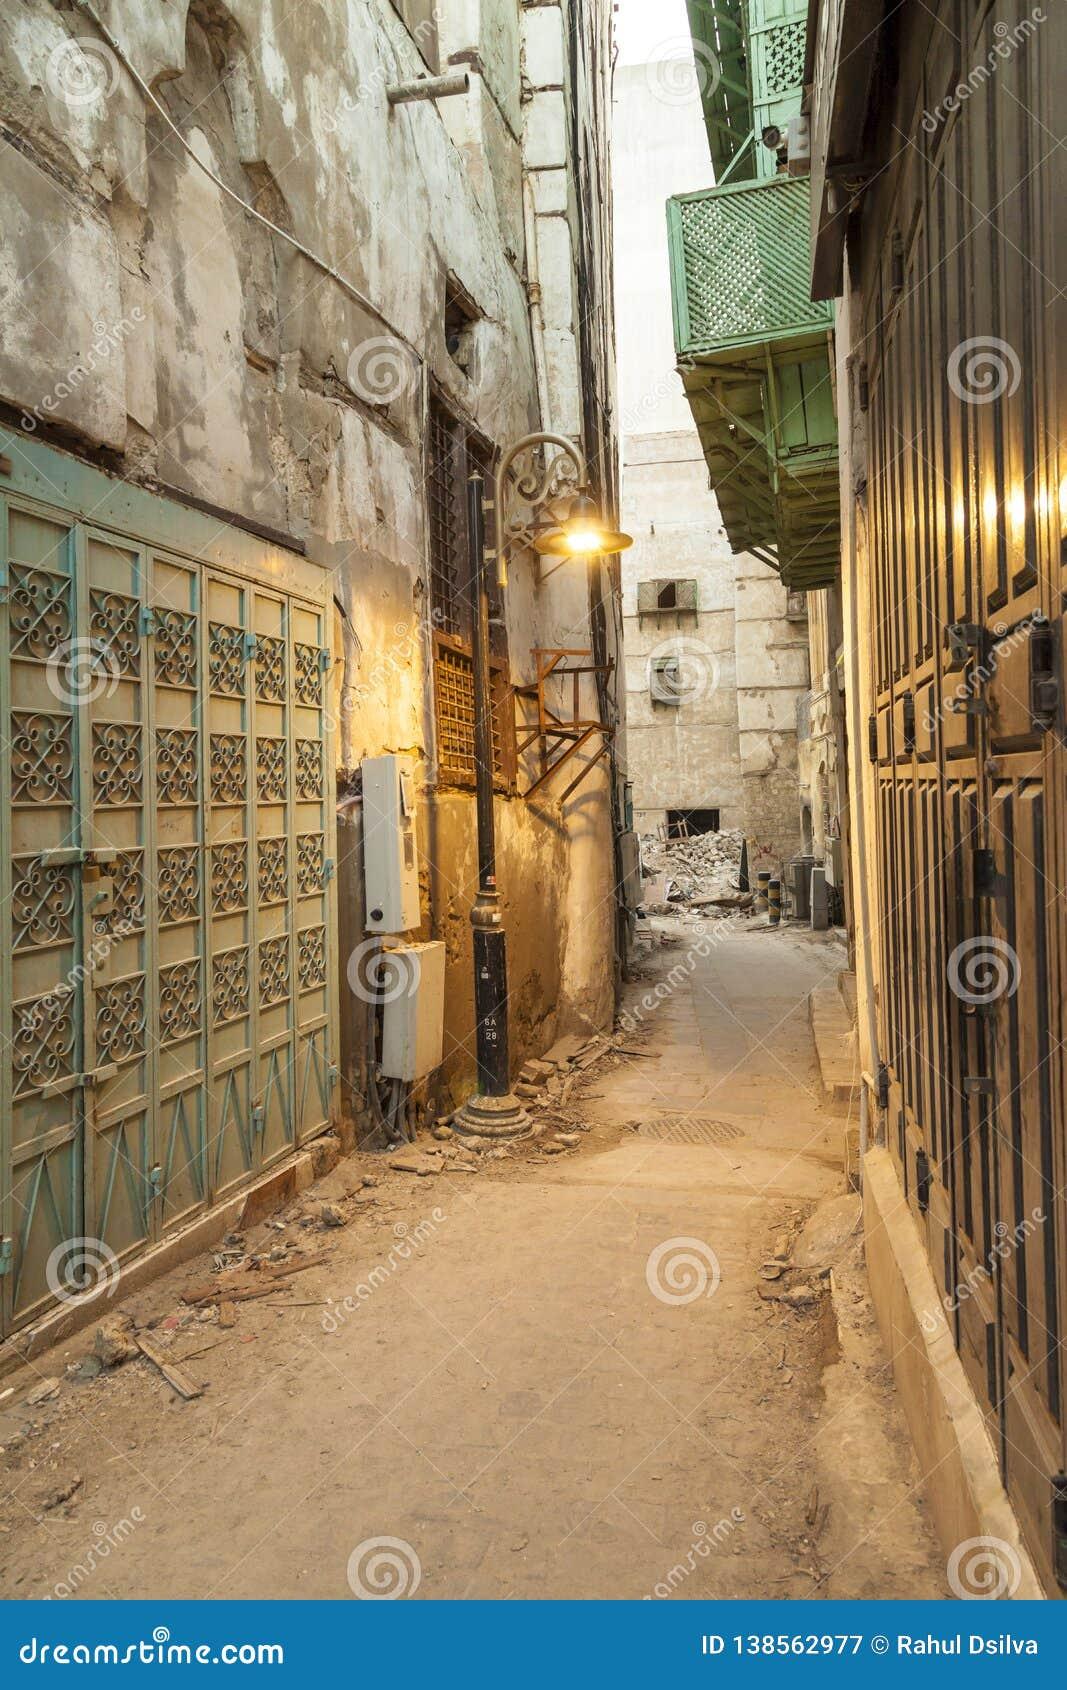 Saudi Jeddah February 1 2019 Old City In Jeddah Old City In